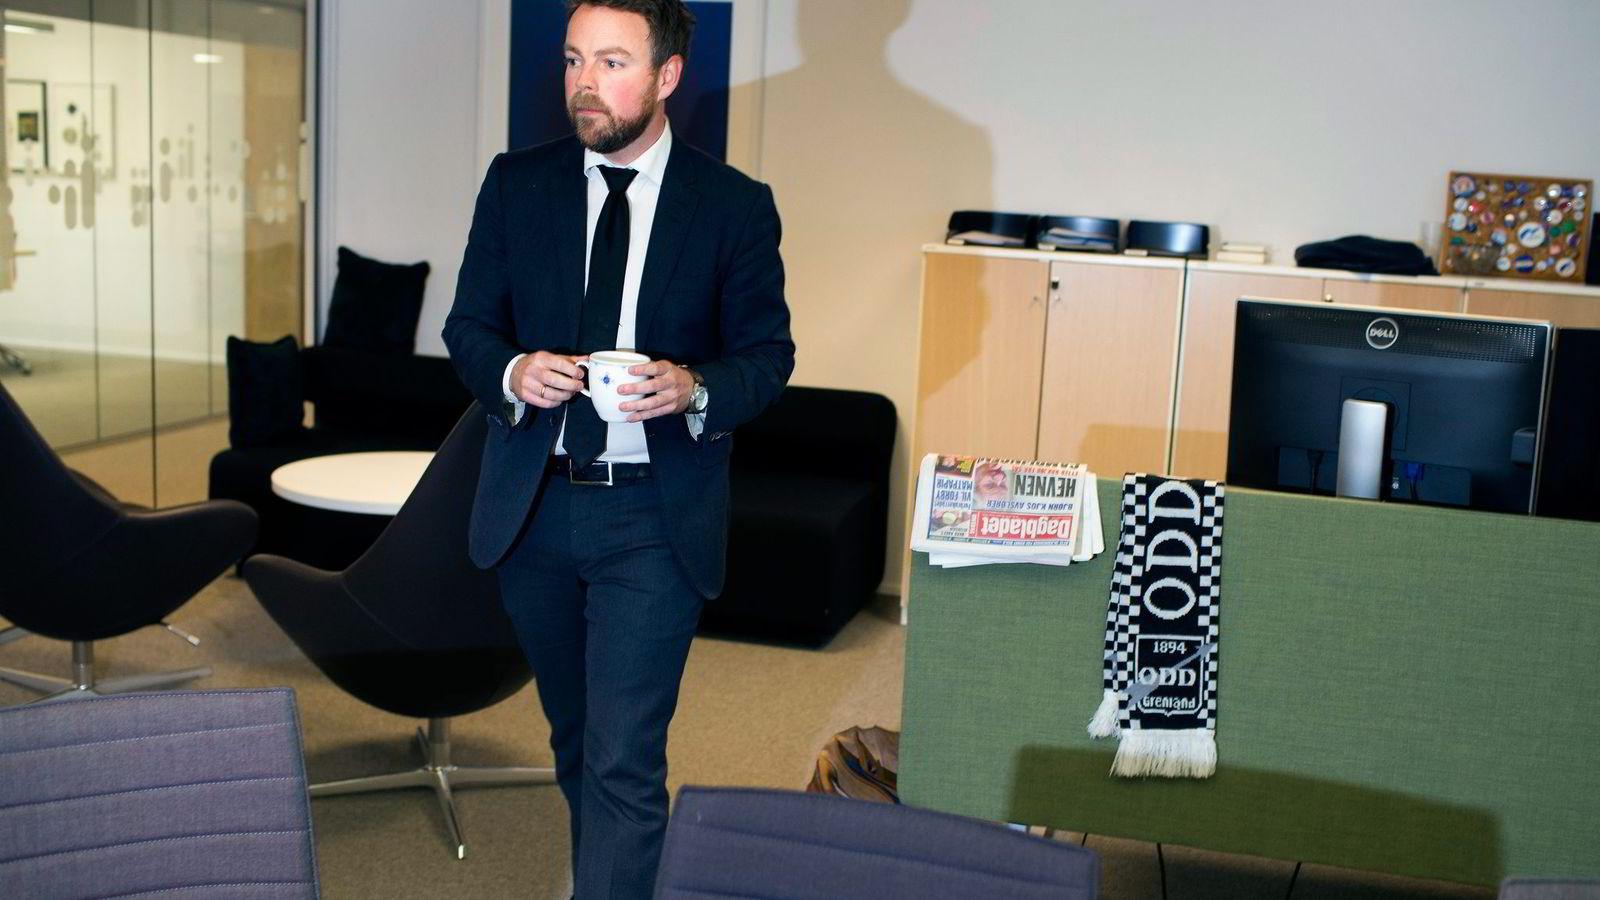 – Vi driver skriftlig saksbehandling, og tar ikke muntlige beslutninger over bordet, sier kunnskapsminister Torbjørn Røe Isaksen. Foto: Fredrik Solstad